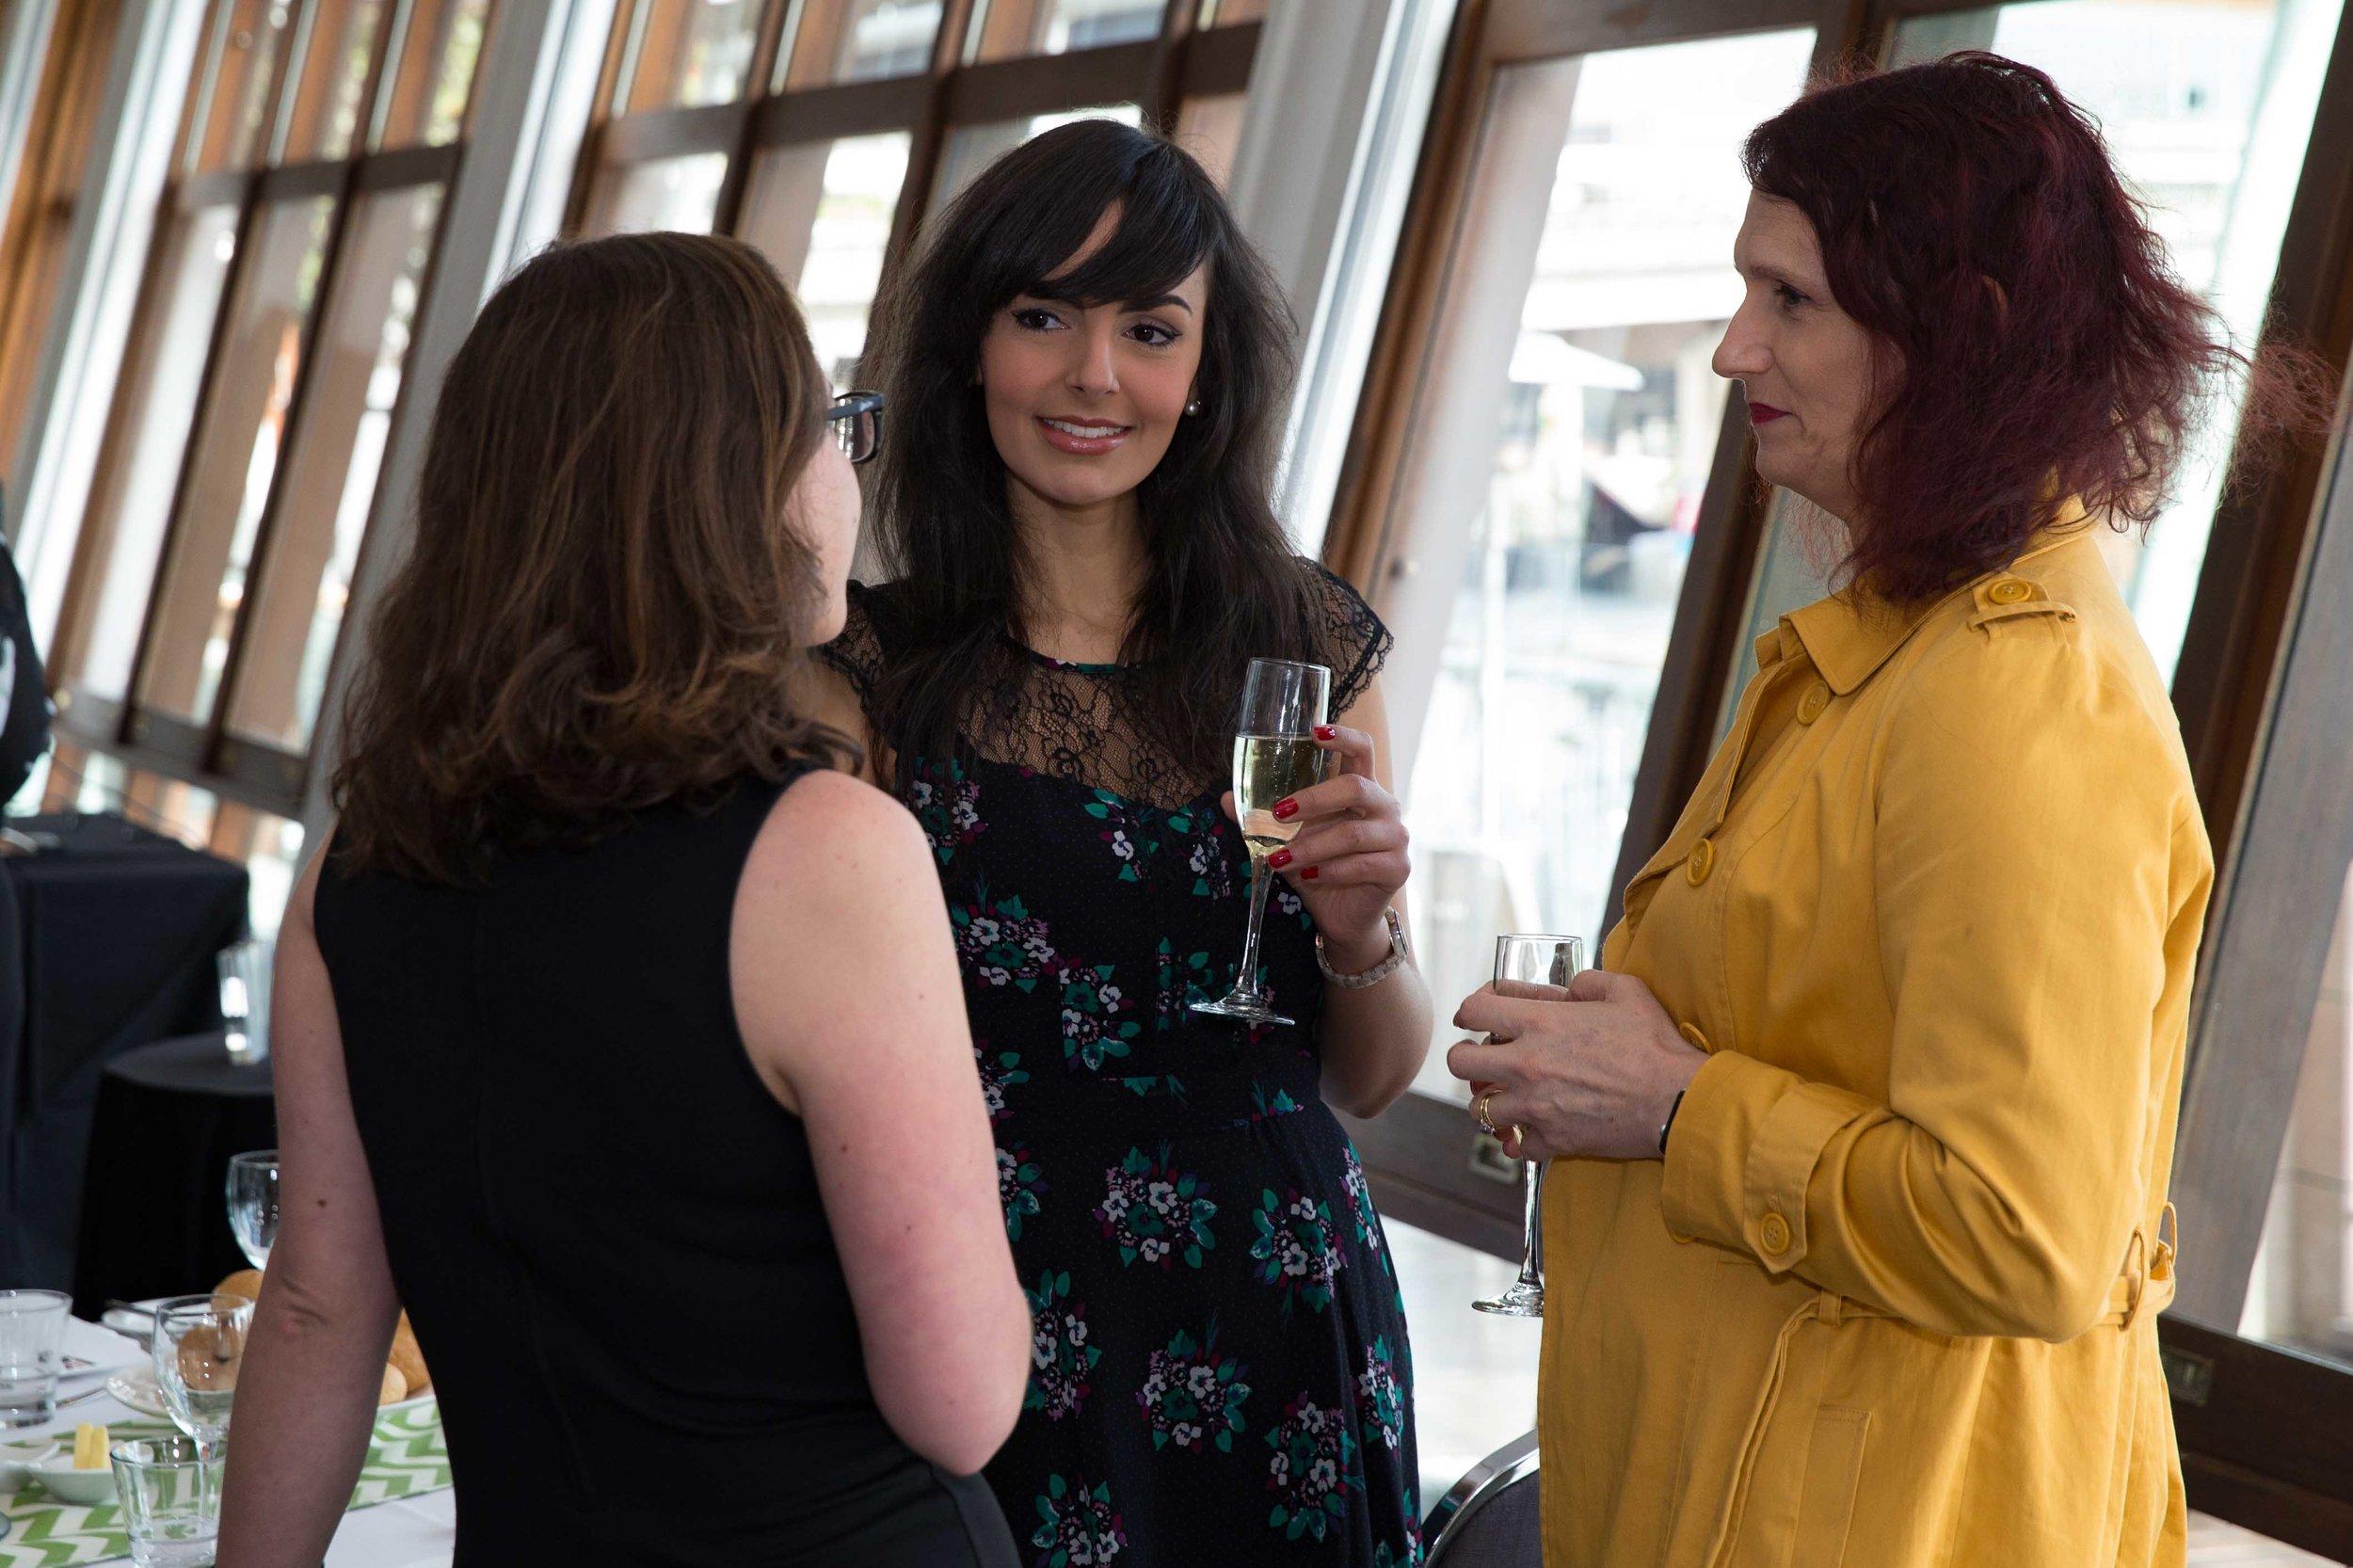 Women_In_Games_26_May_16_016.jpg